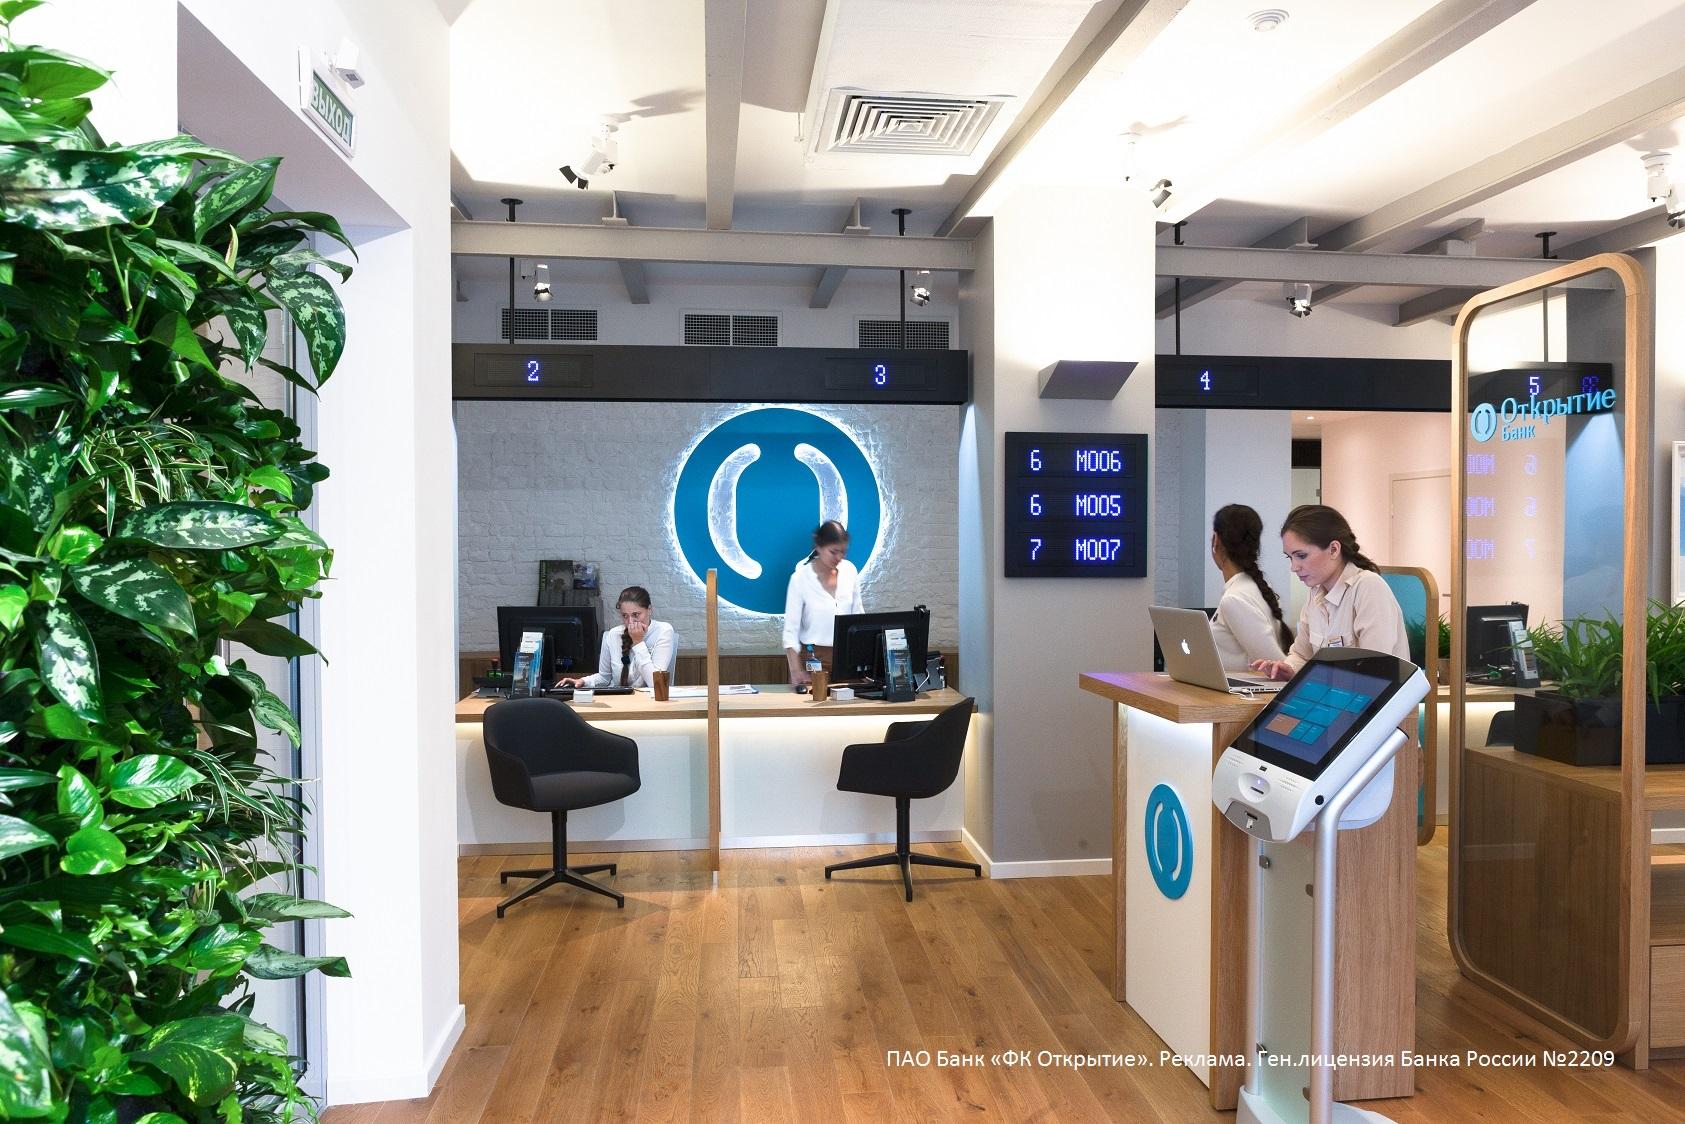 Банк «Открытие» обновил интернет-банк для предпринимателей